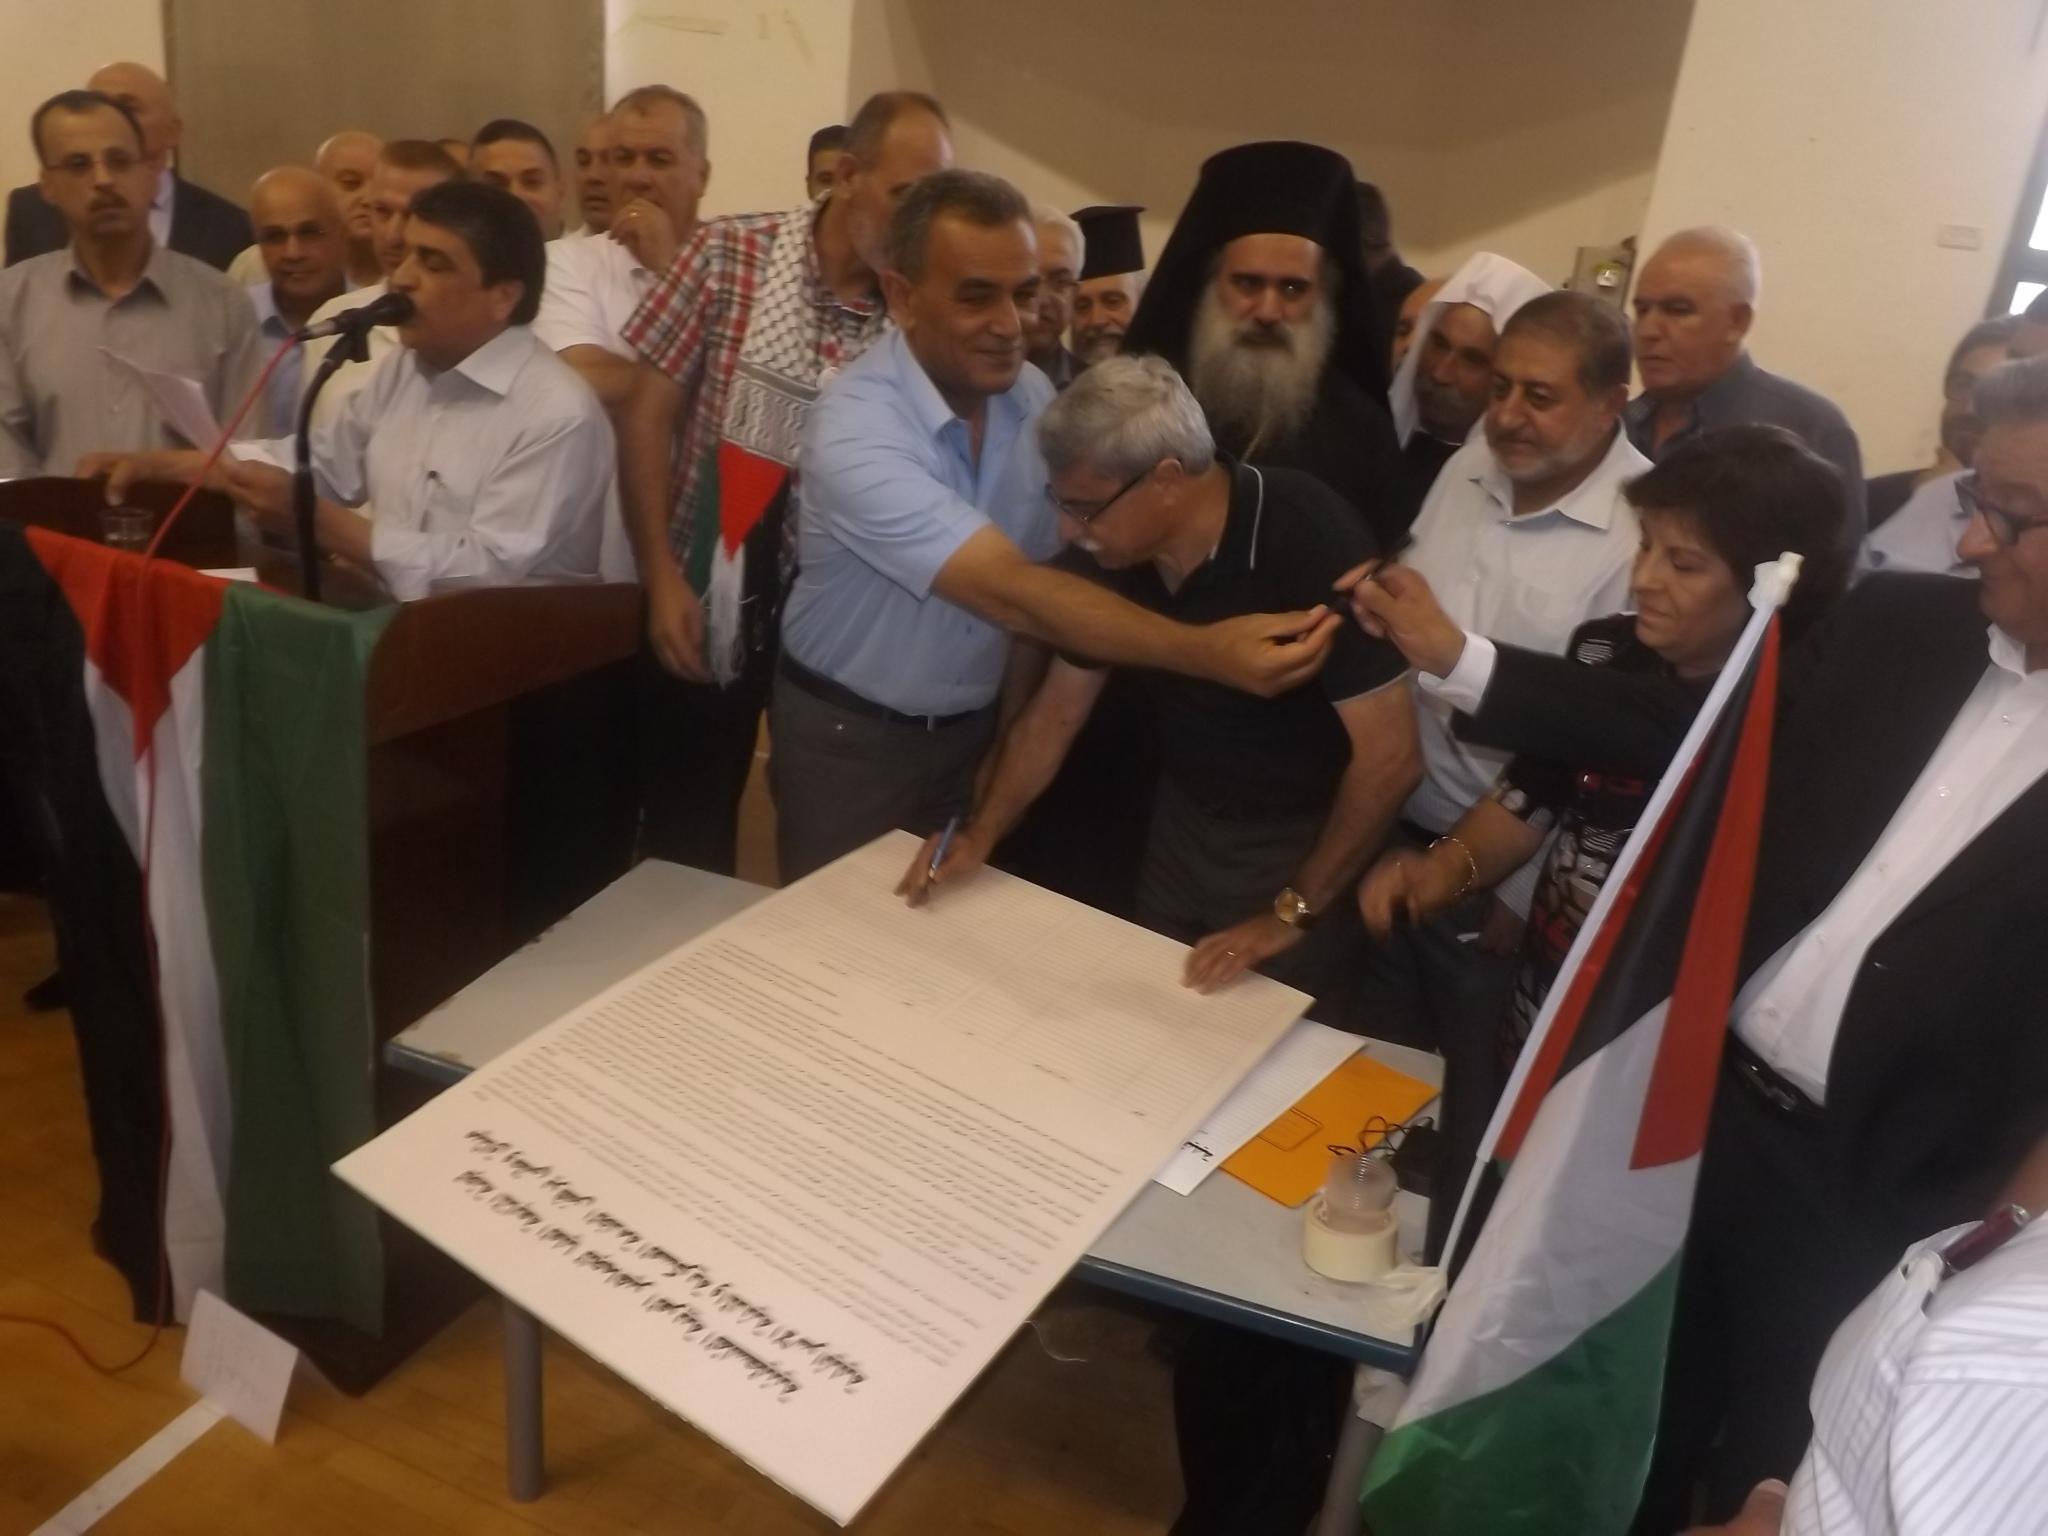 النائب غطاس في المؤتمر ضد التجنيد: محاولة سلخ فئات عن شعبها والاستفراد بها لن يمر